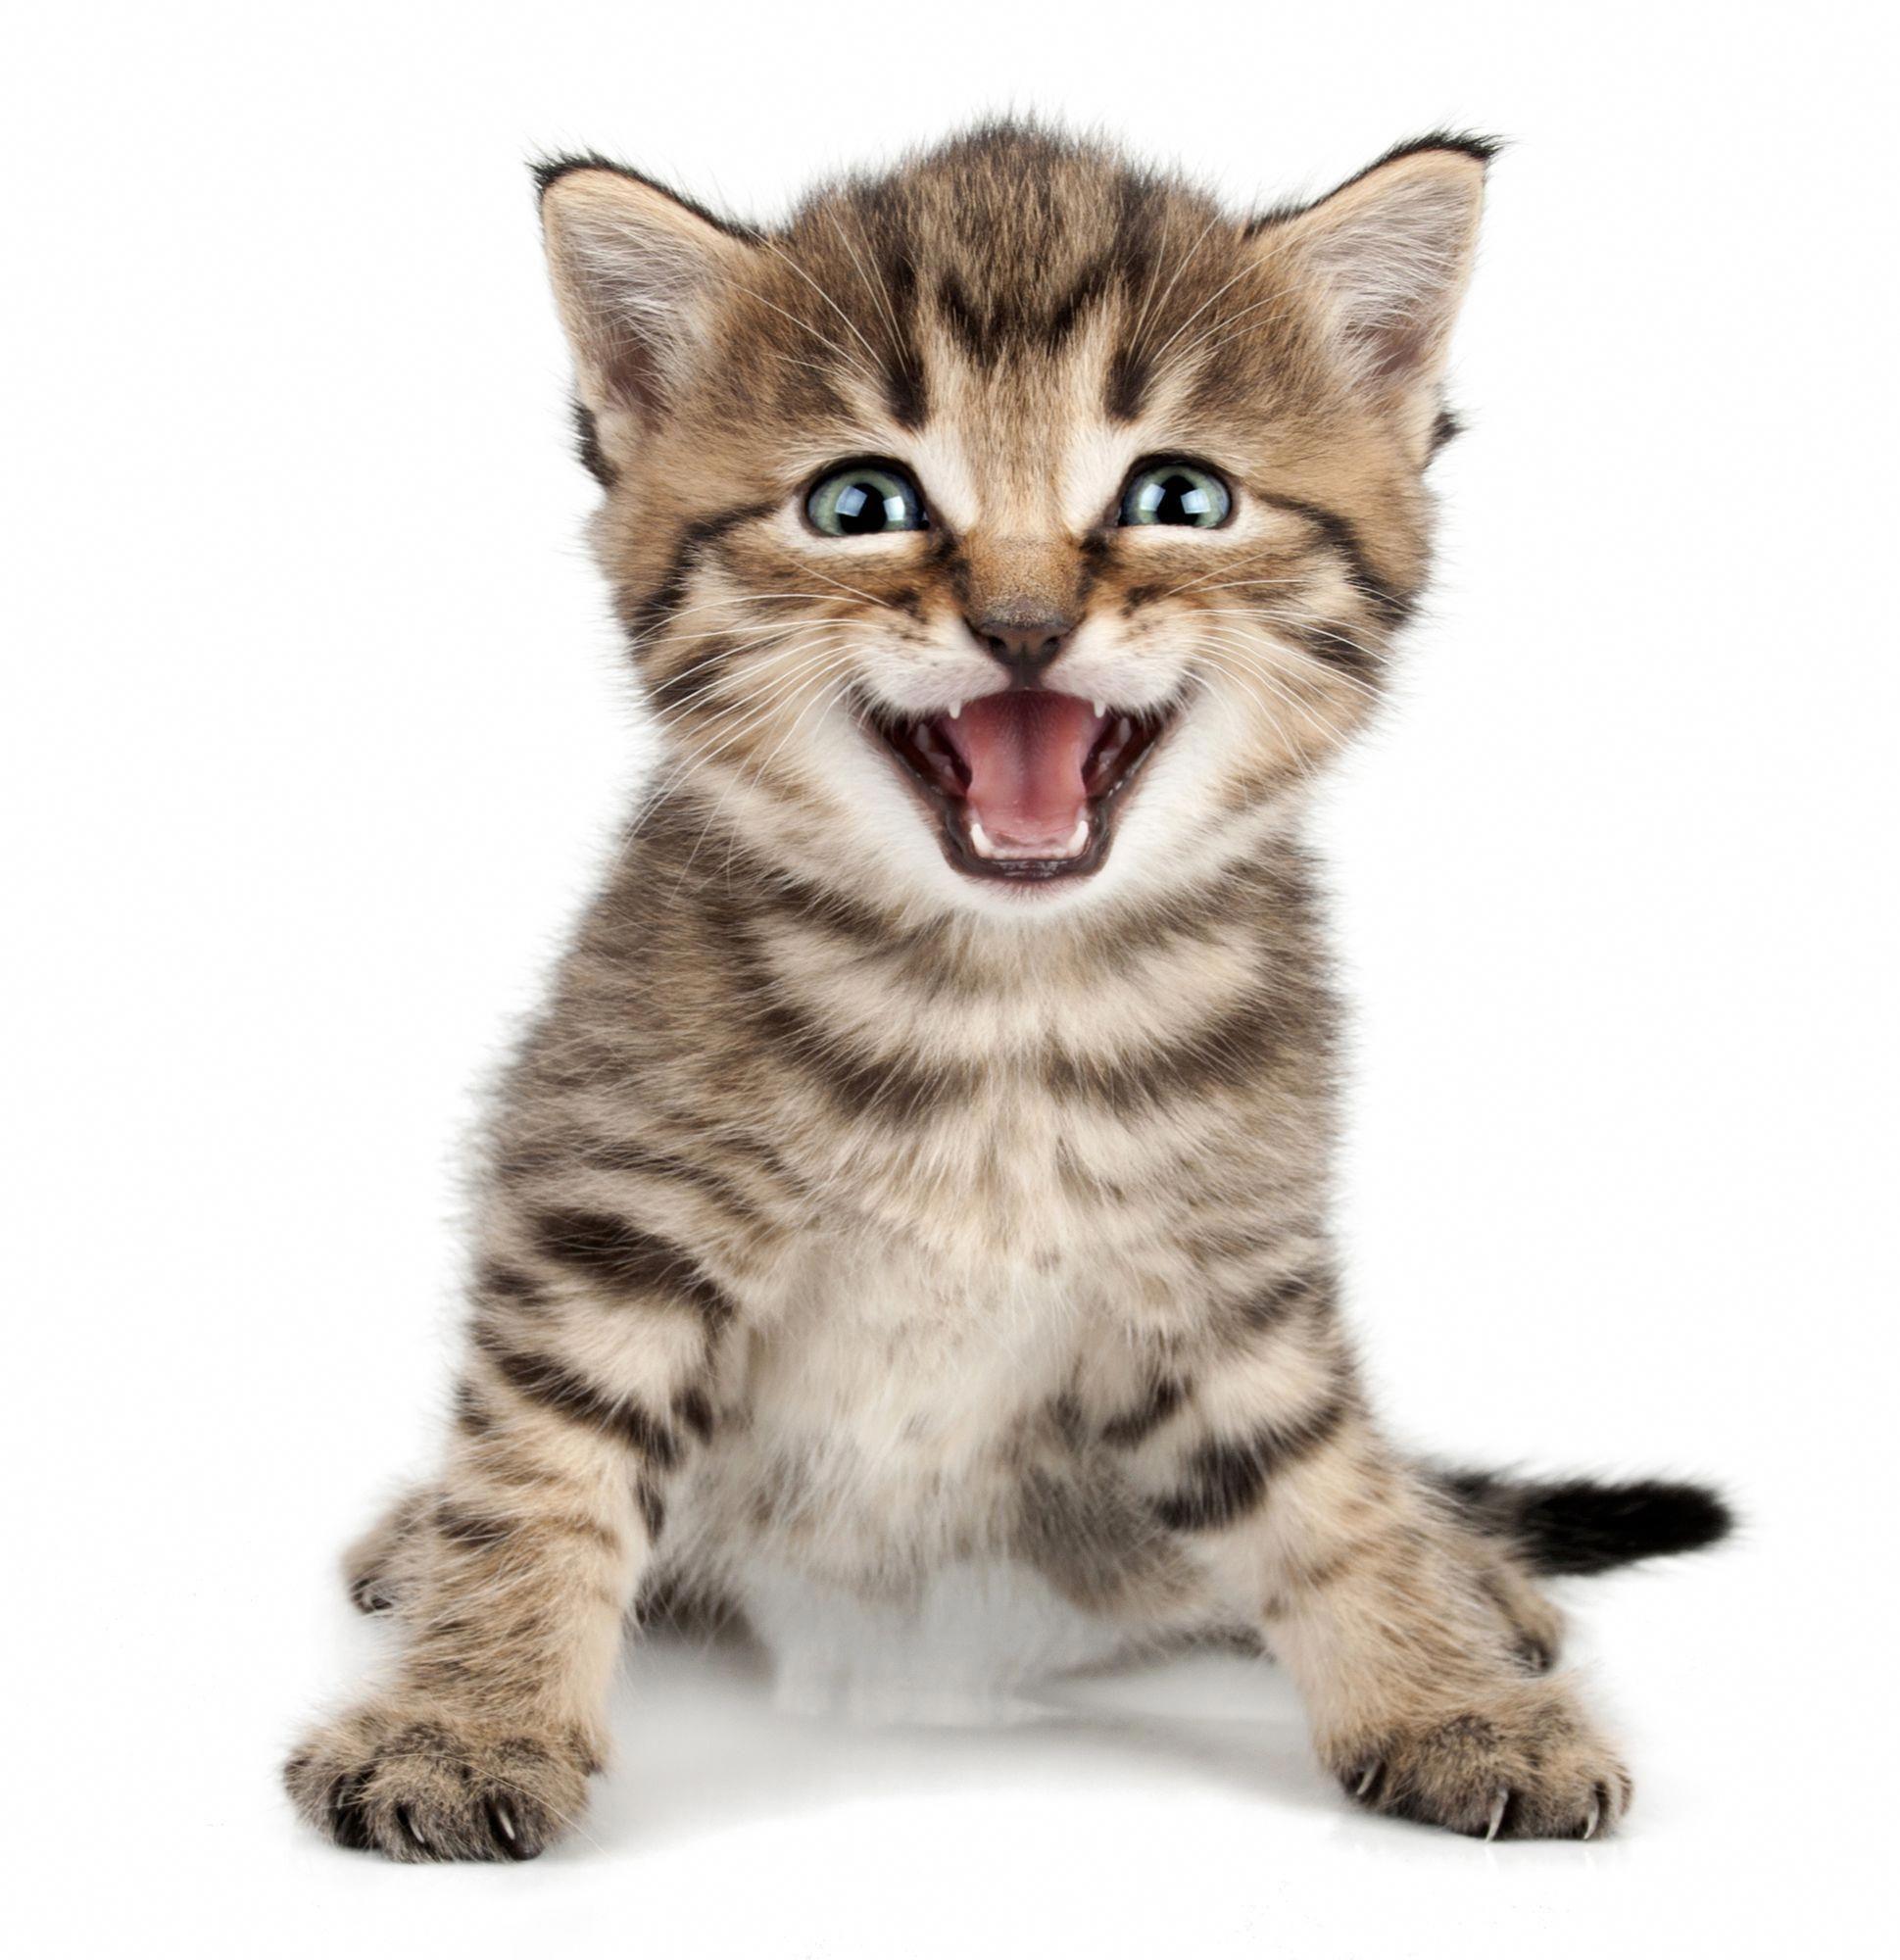 Cats The Musical Kittens Cutest Kitten Meowing Cute Little Kittens